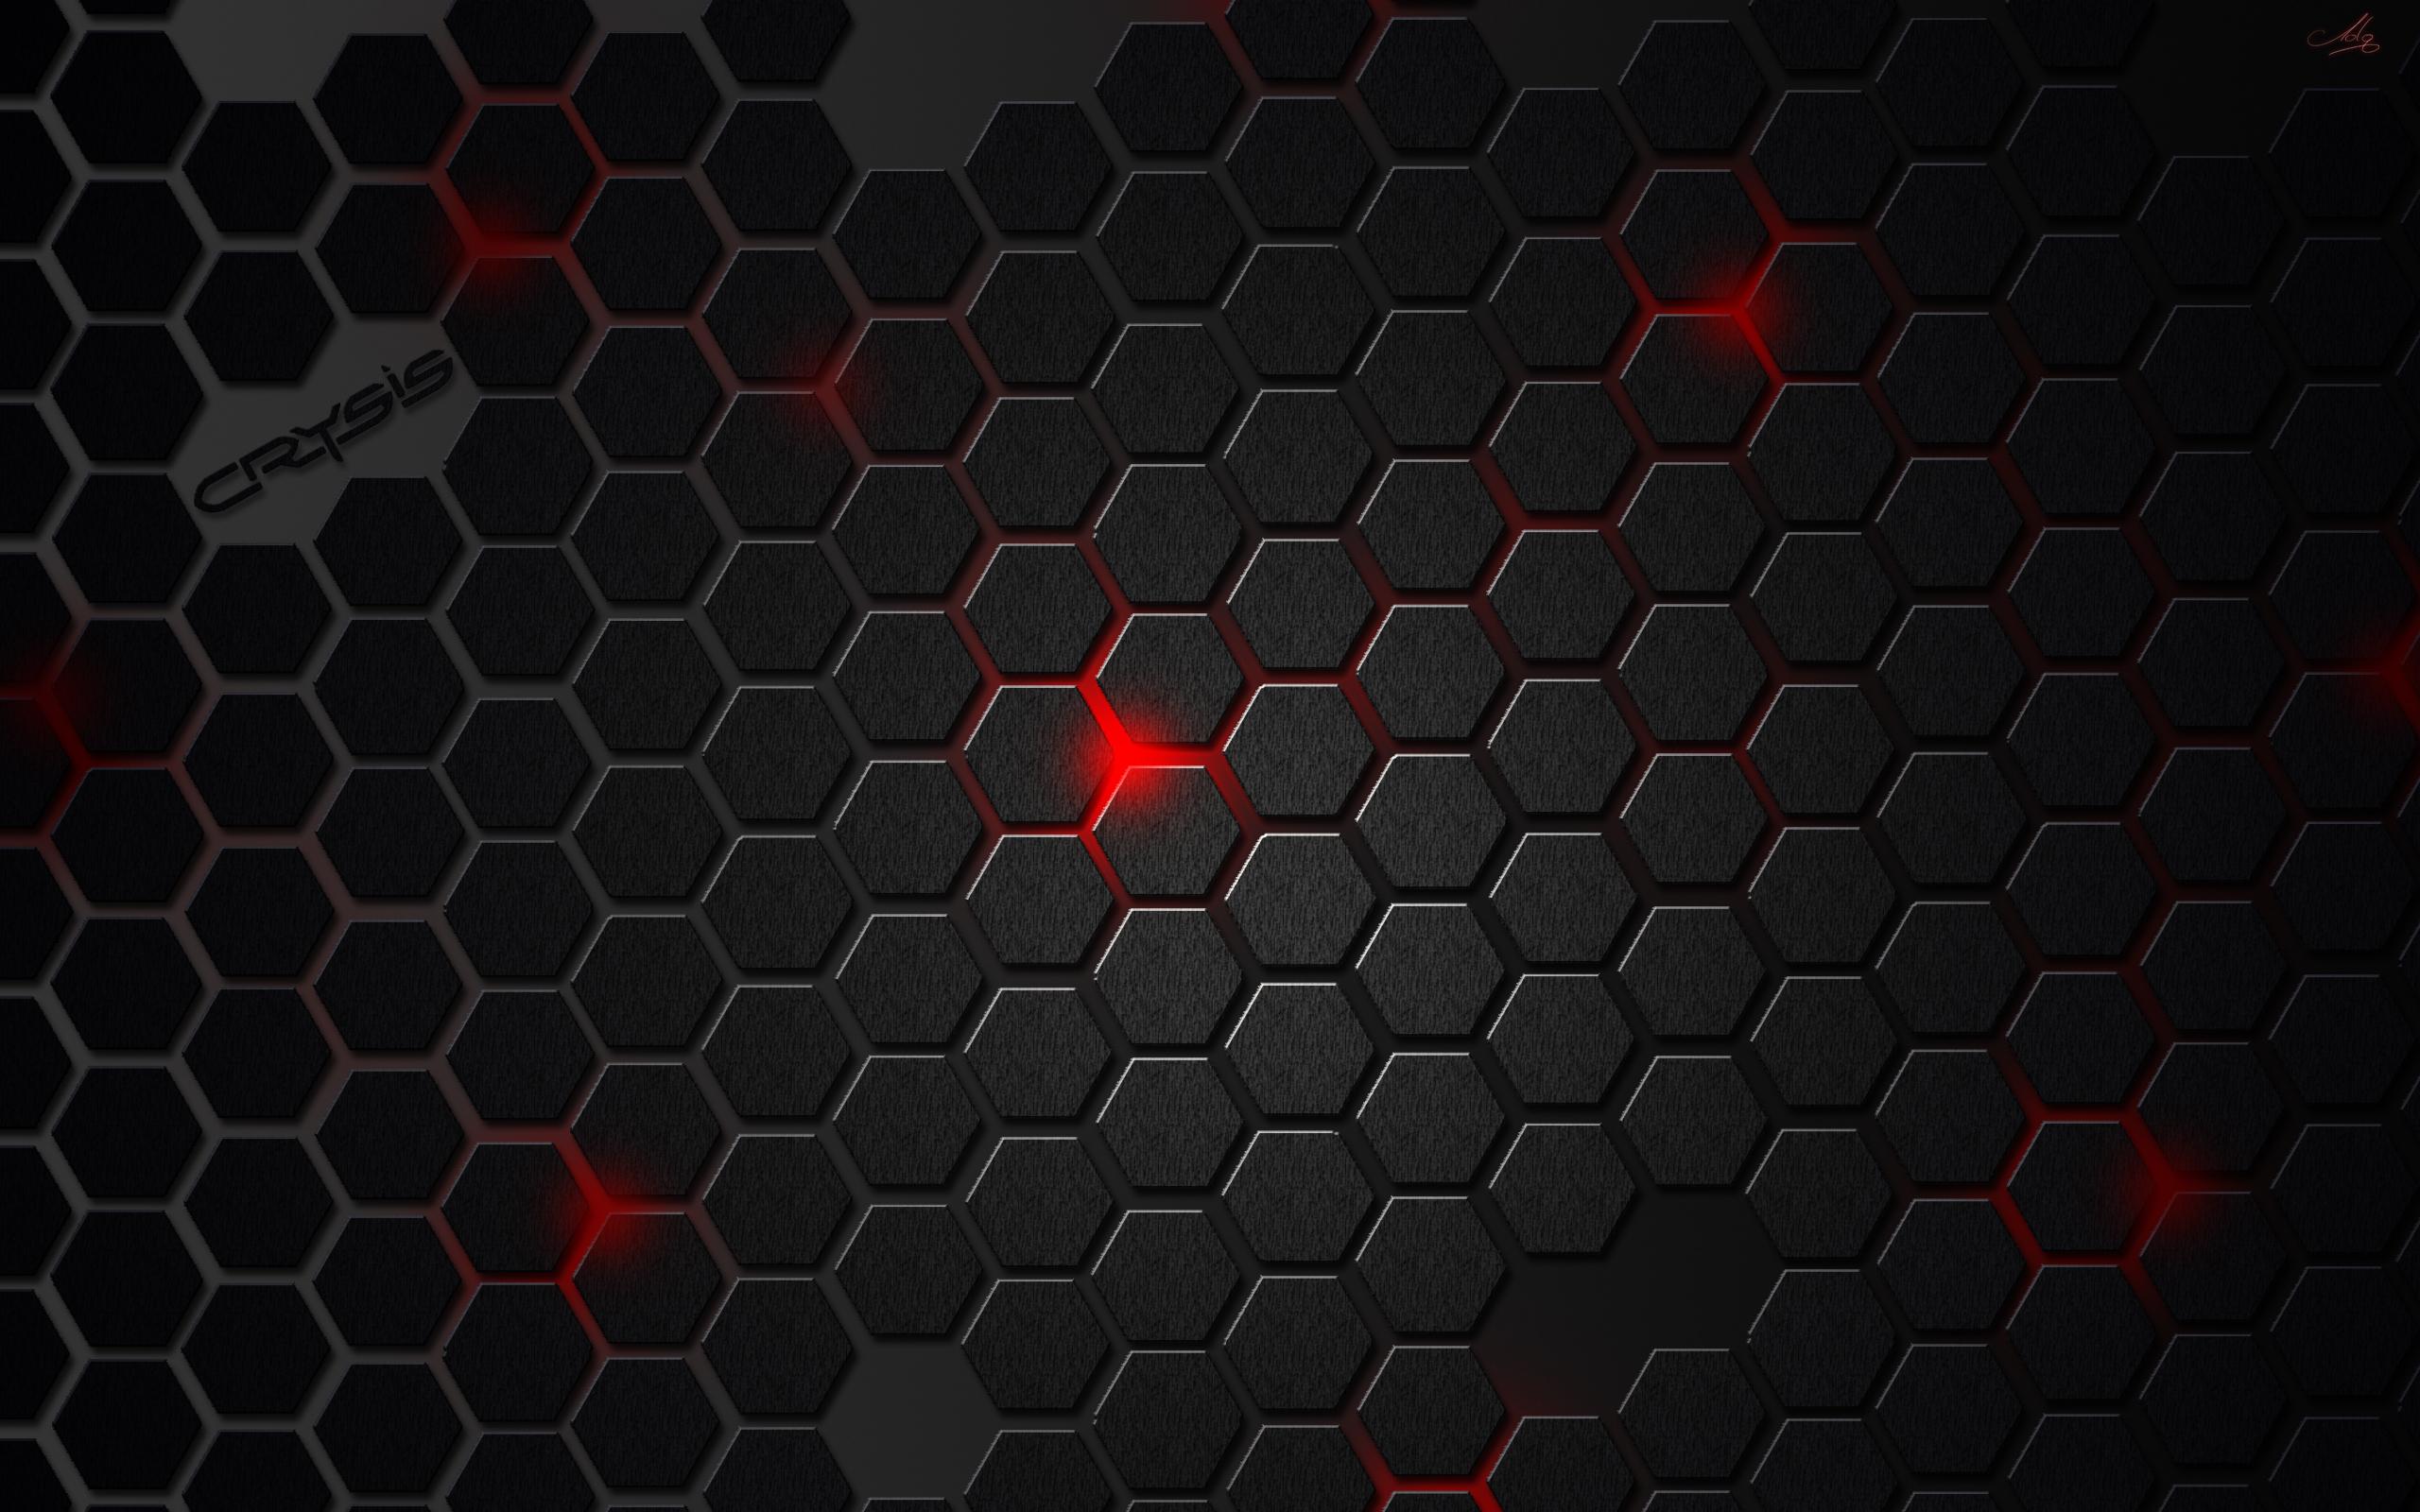 Black Computer Wallpapers Desktop Backgrounds 2560x1600 ID210280 2560x1600